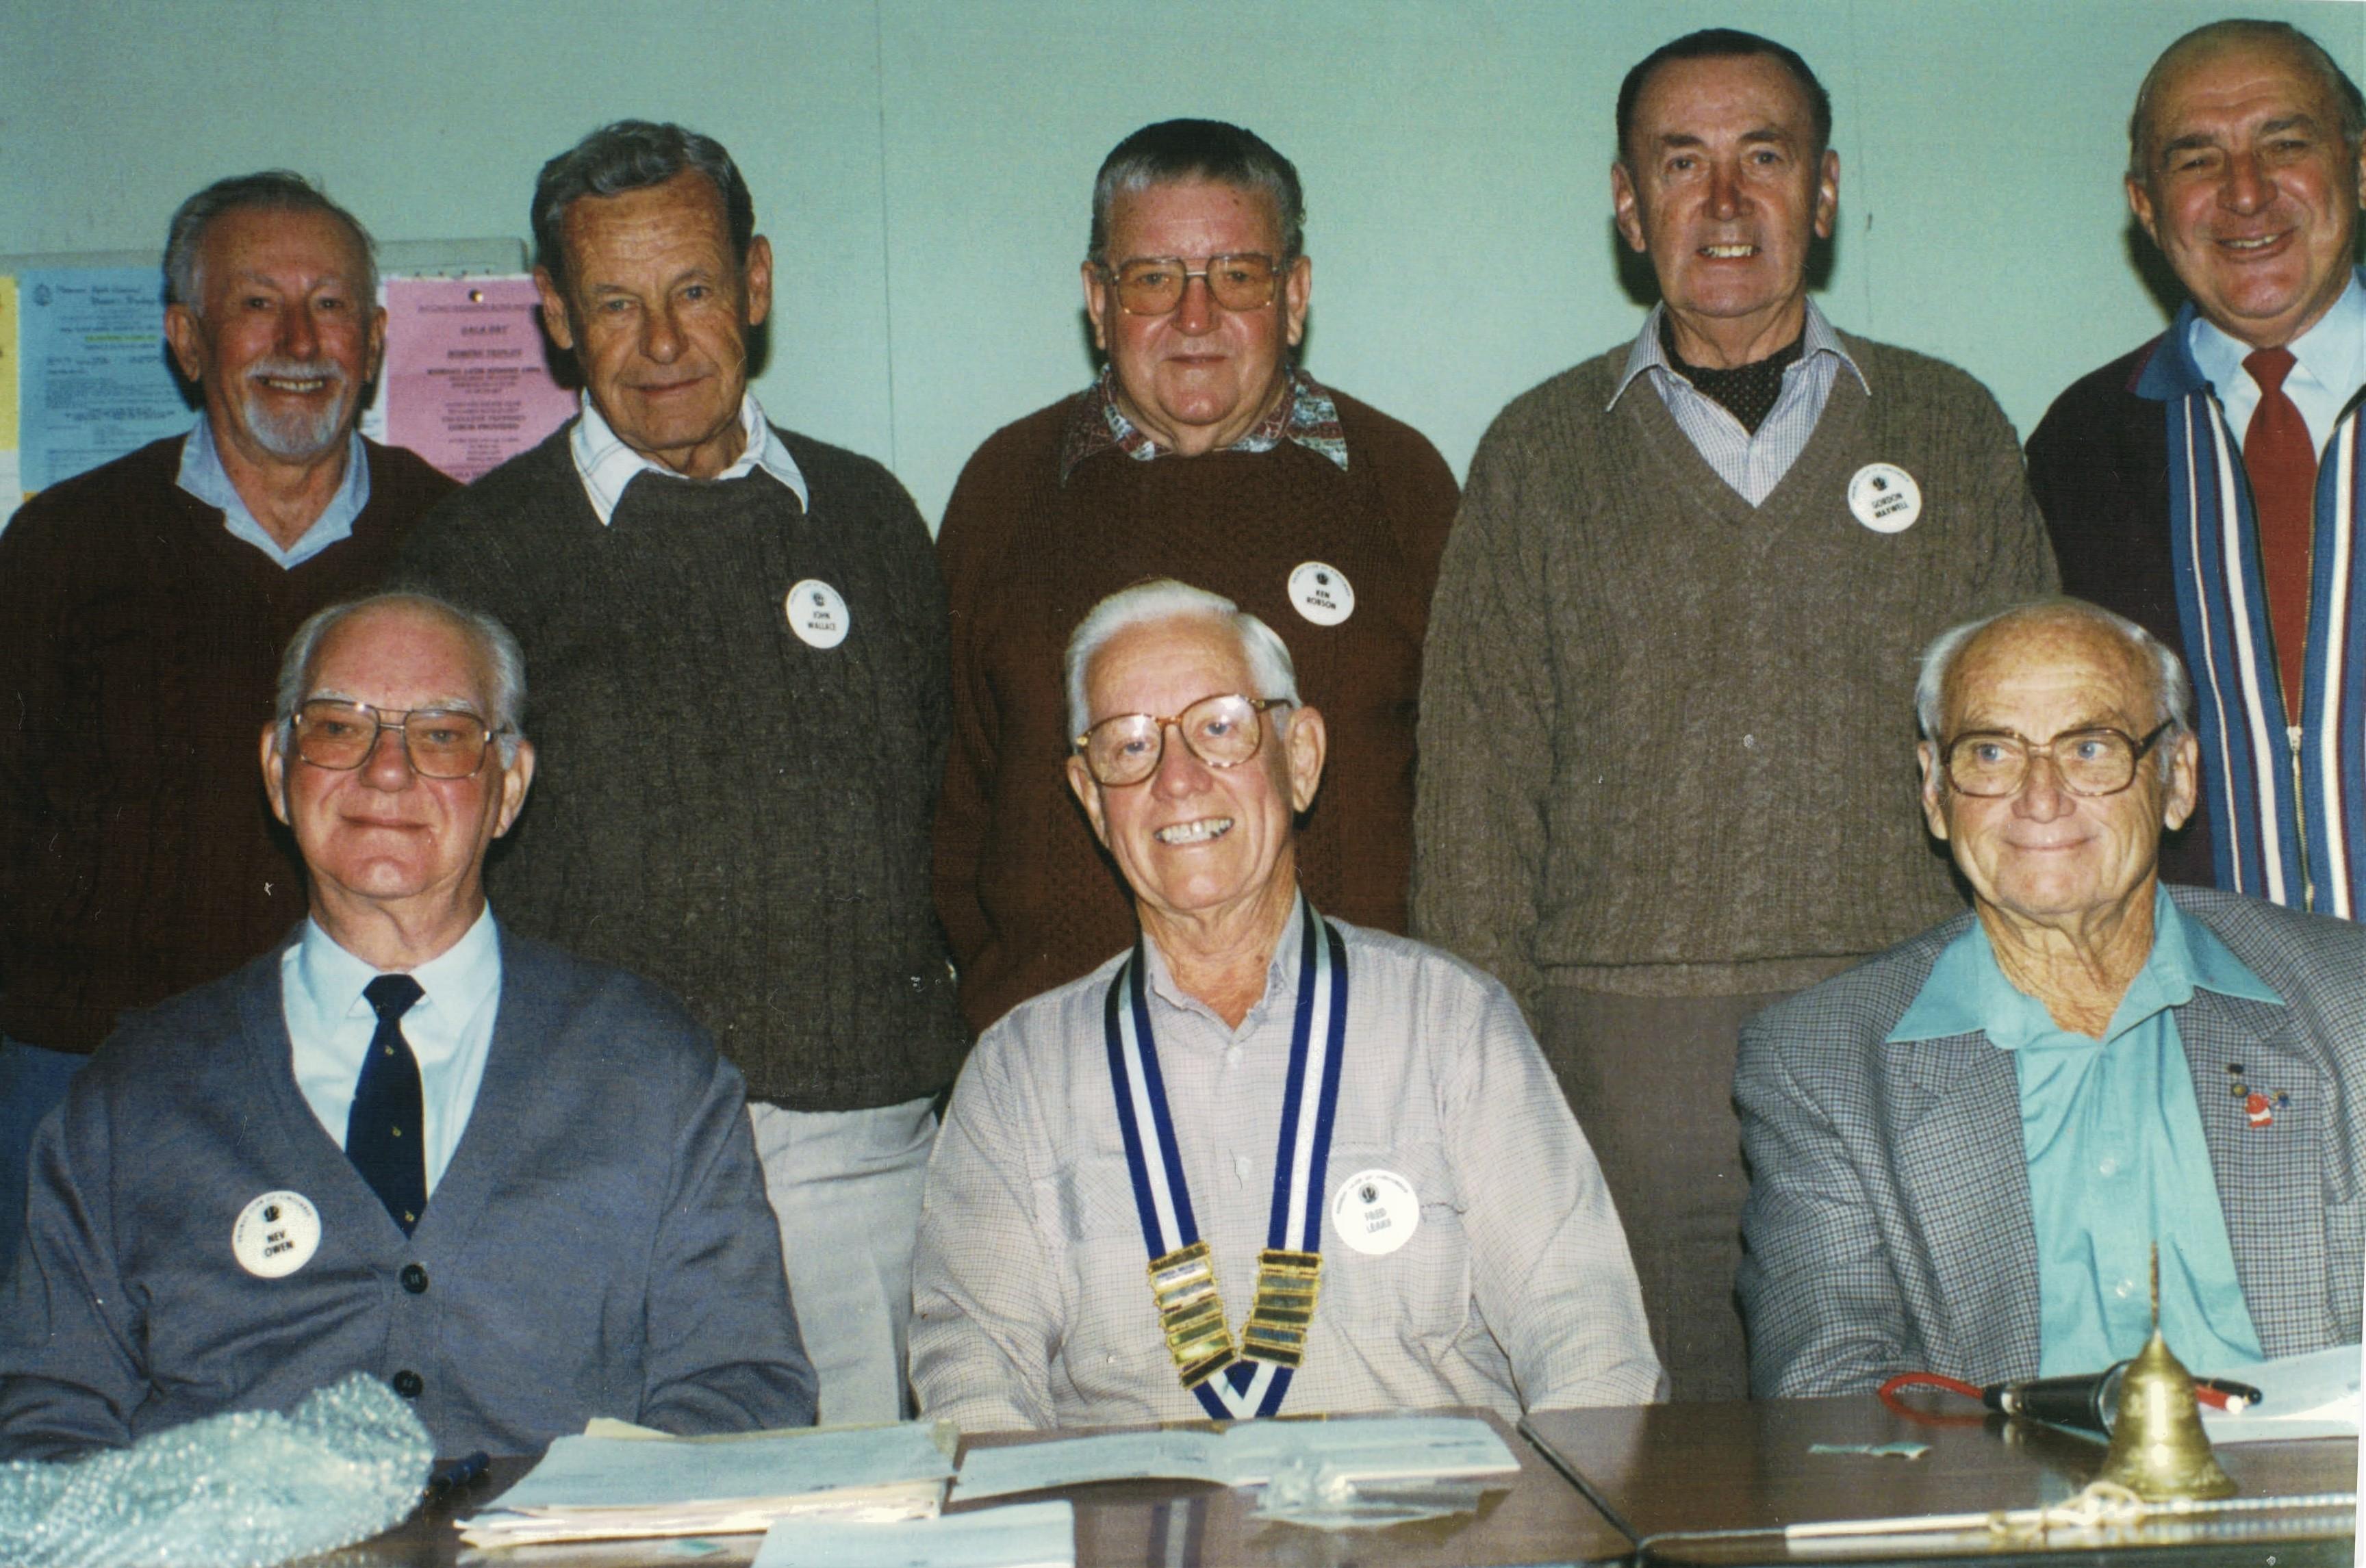 1996 Meetings Committee